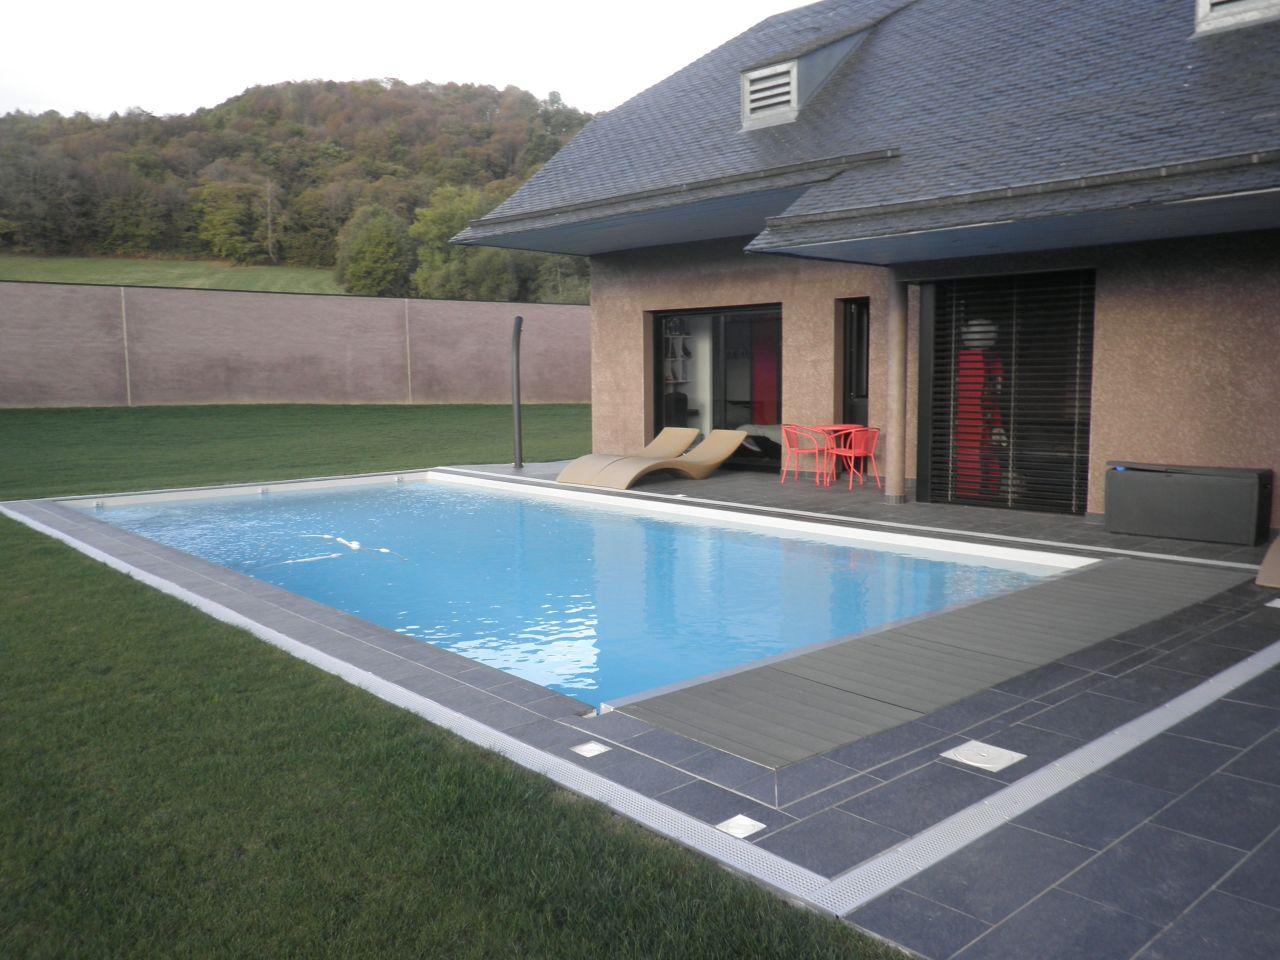 volet piscine gris anthracite. Black Bedroom Furniture Sets. Home Design Ideas